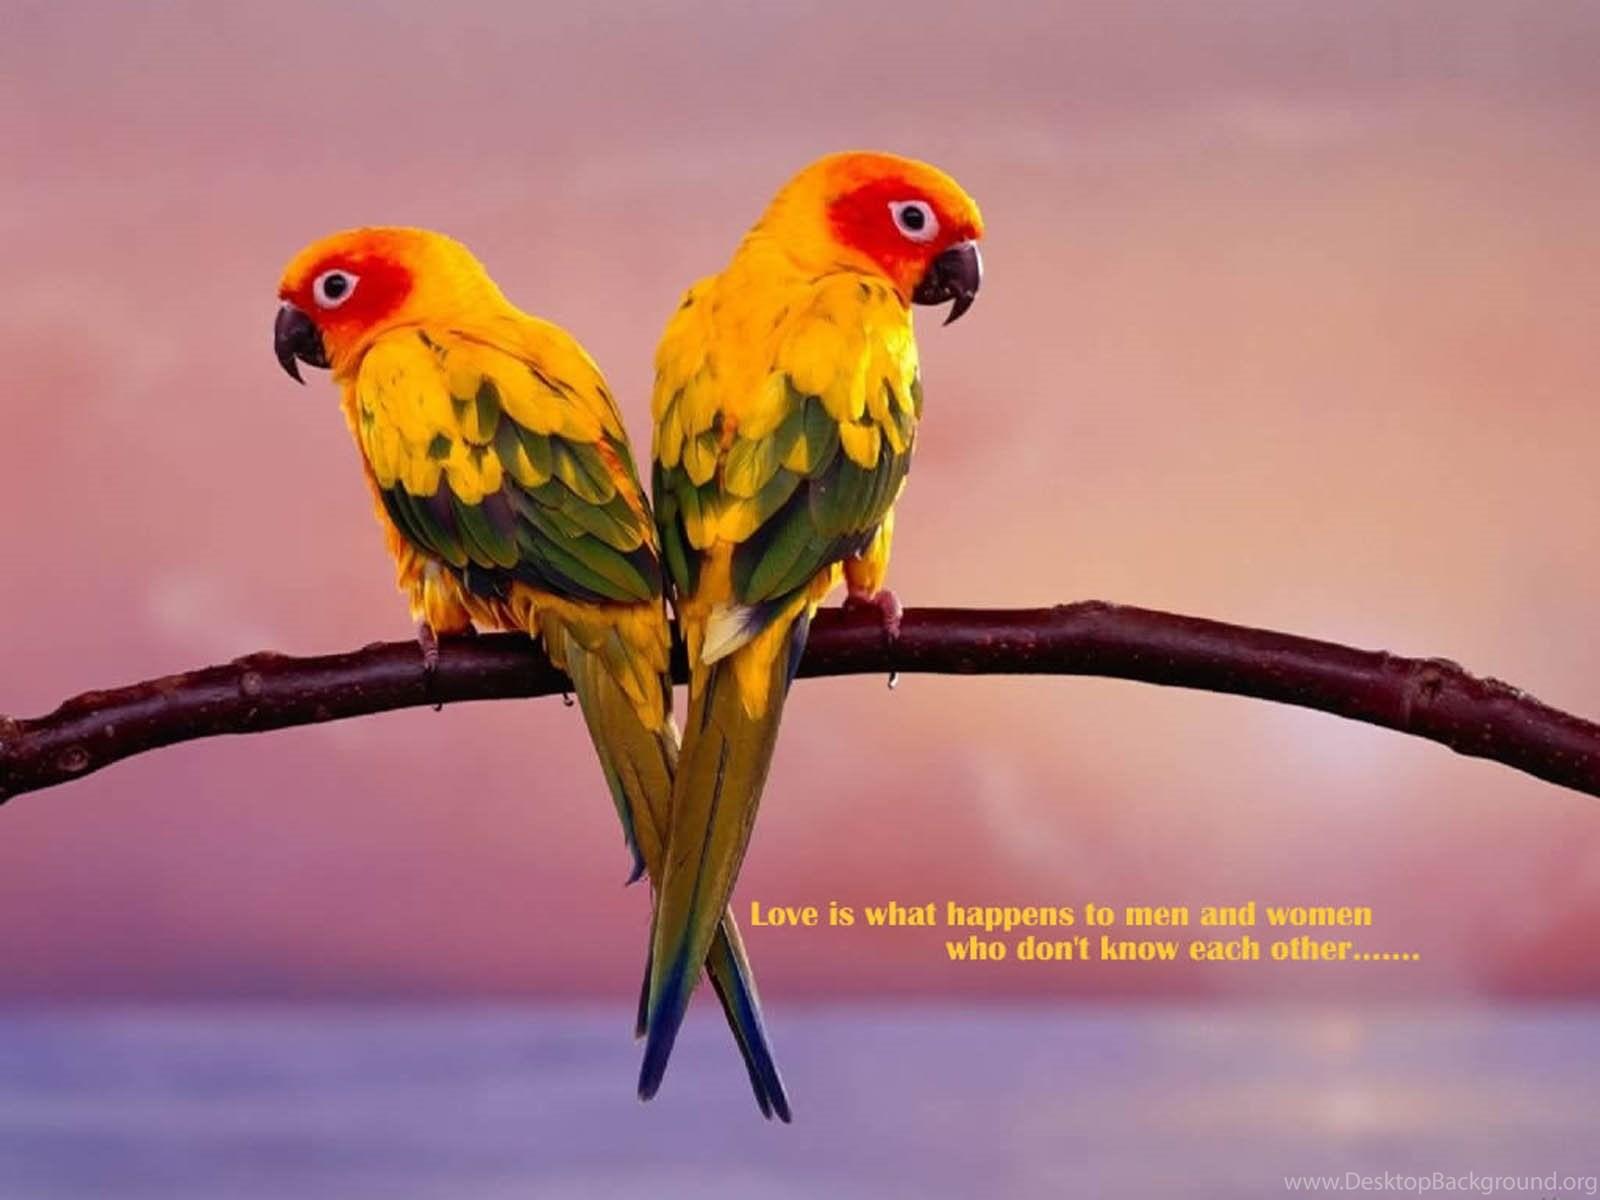 Hd Love Birds Images Wallpapers Desktop Background